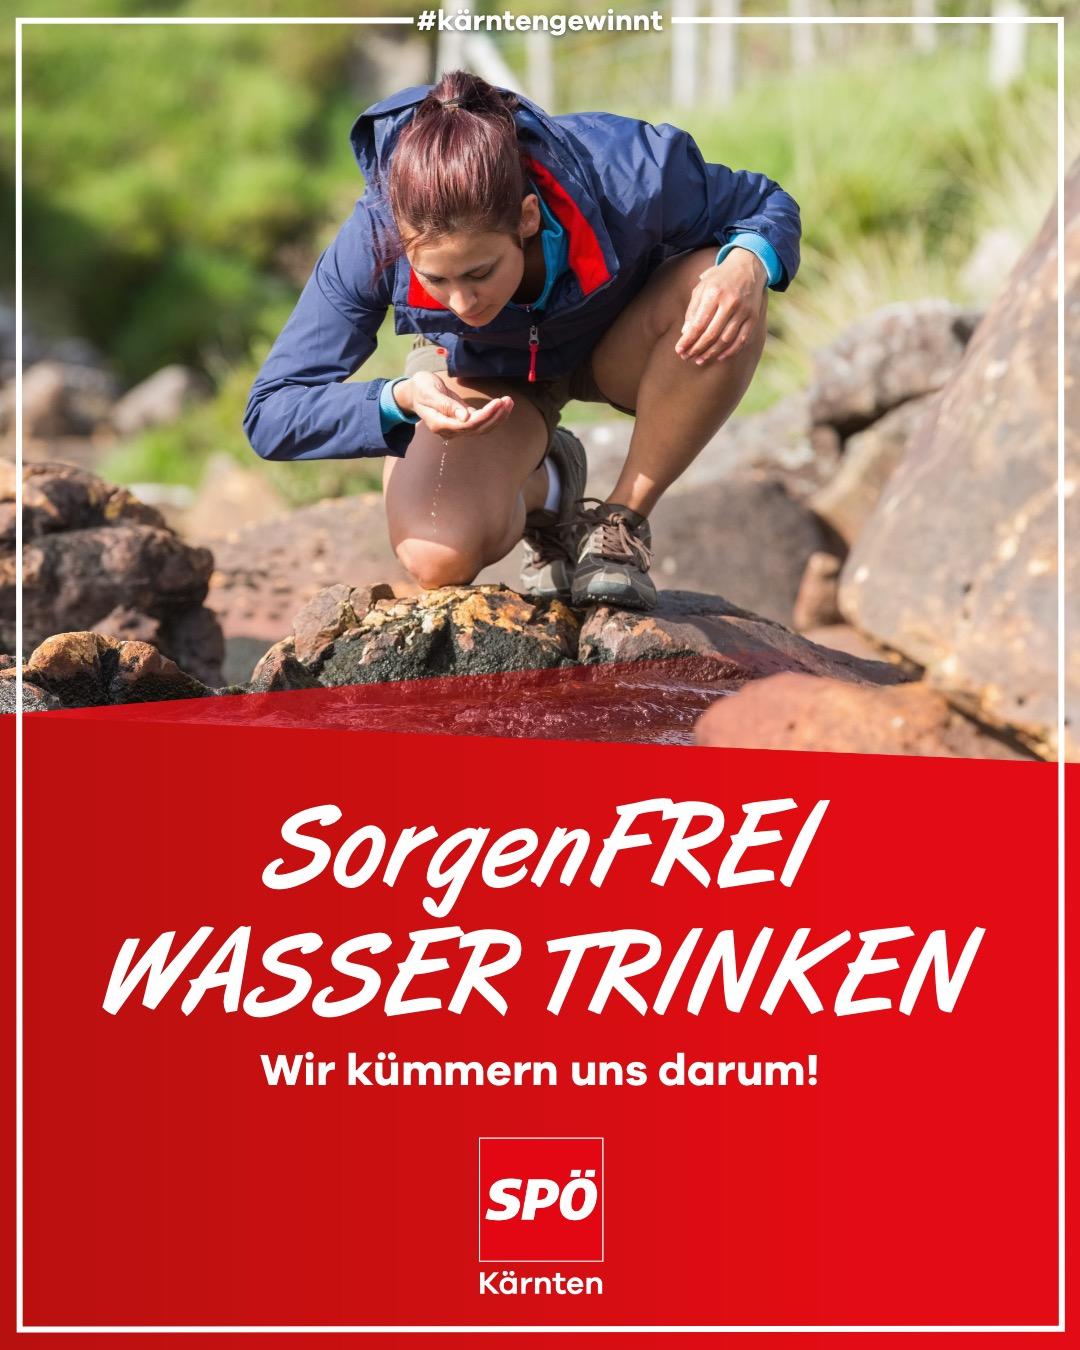 Sorgenfrei Wasser trinken in Kärnten